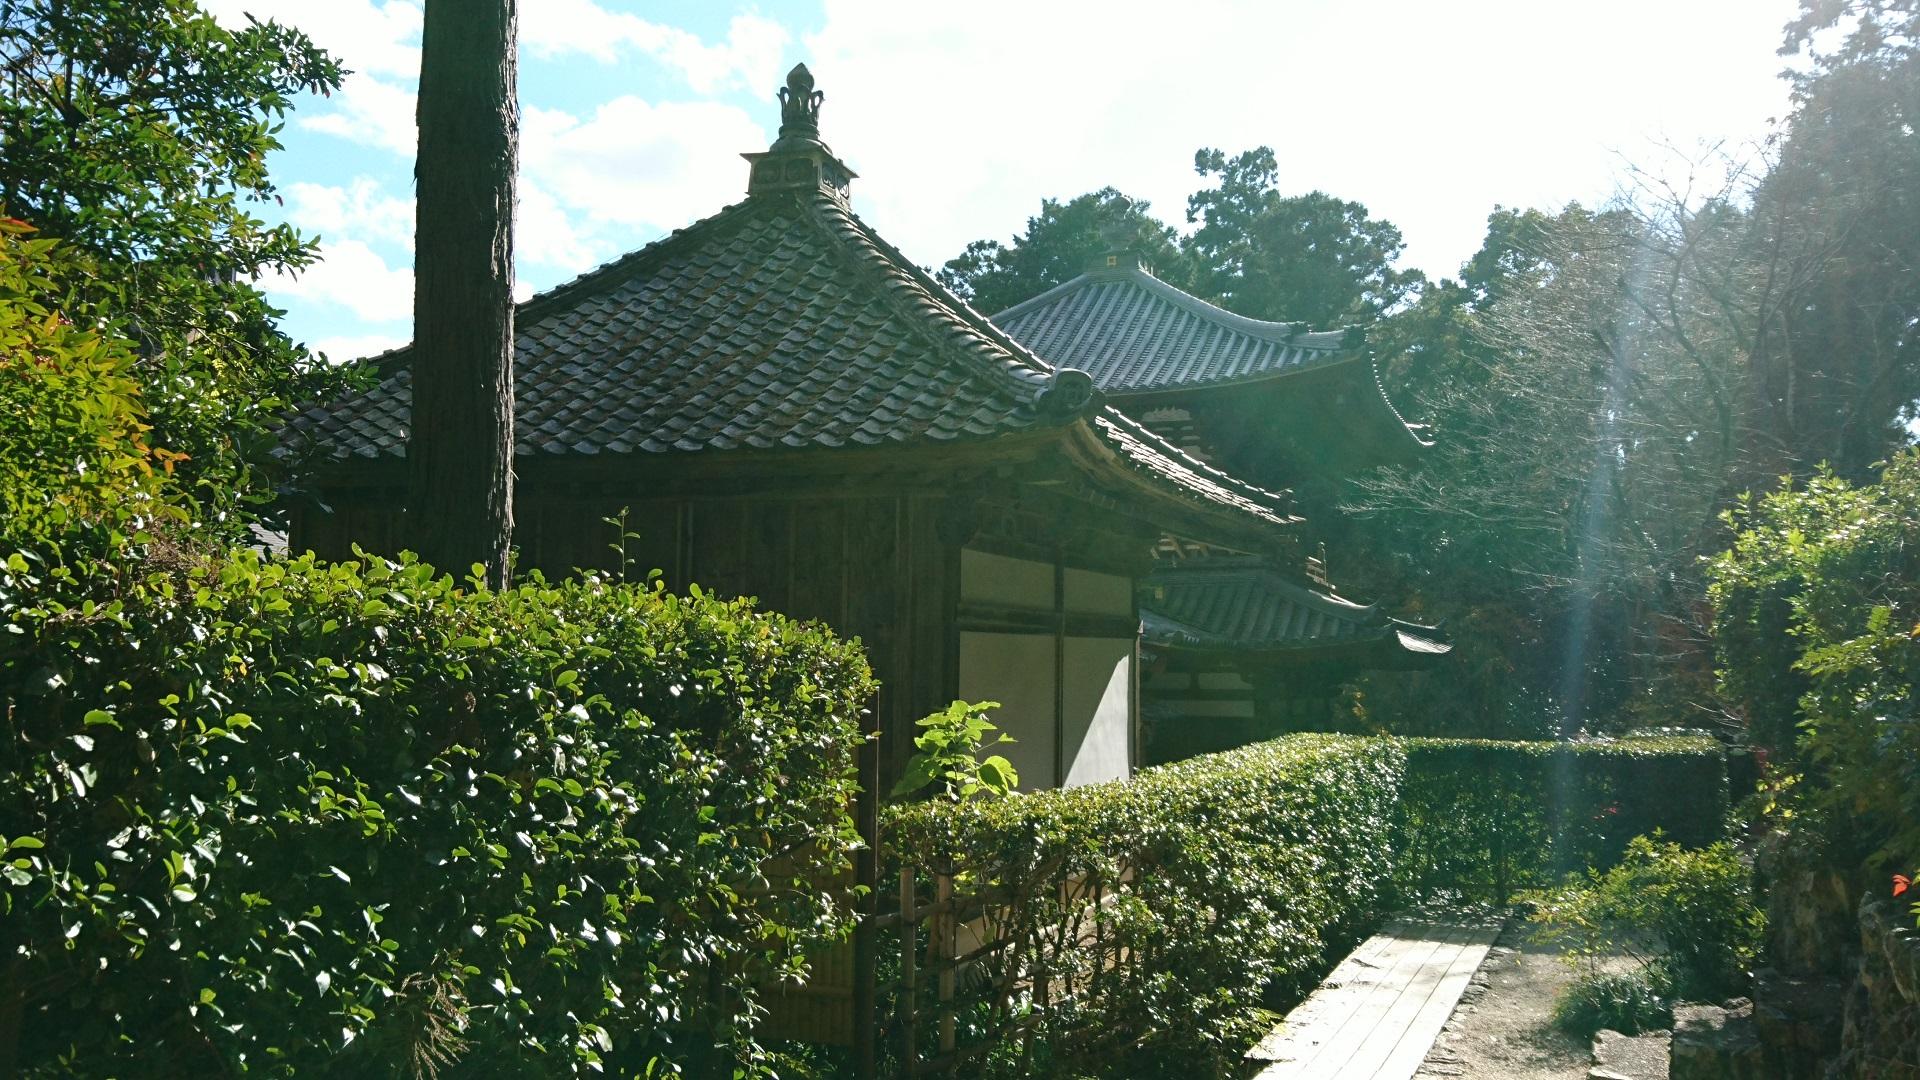 2016.12.23 竜潭寺 - 井伊家霊屋と開山堂 1920-1080